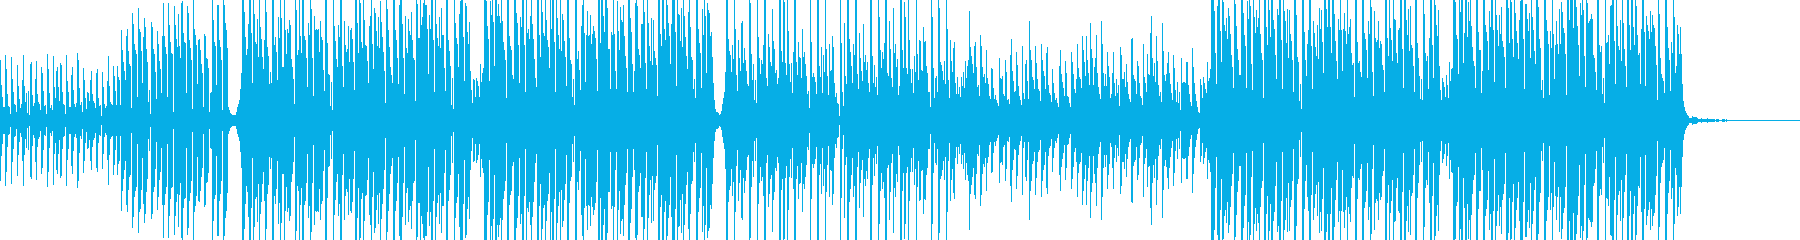 心地よい音色とテンポのトロピカルハウスの再生済みの波形